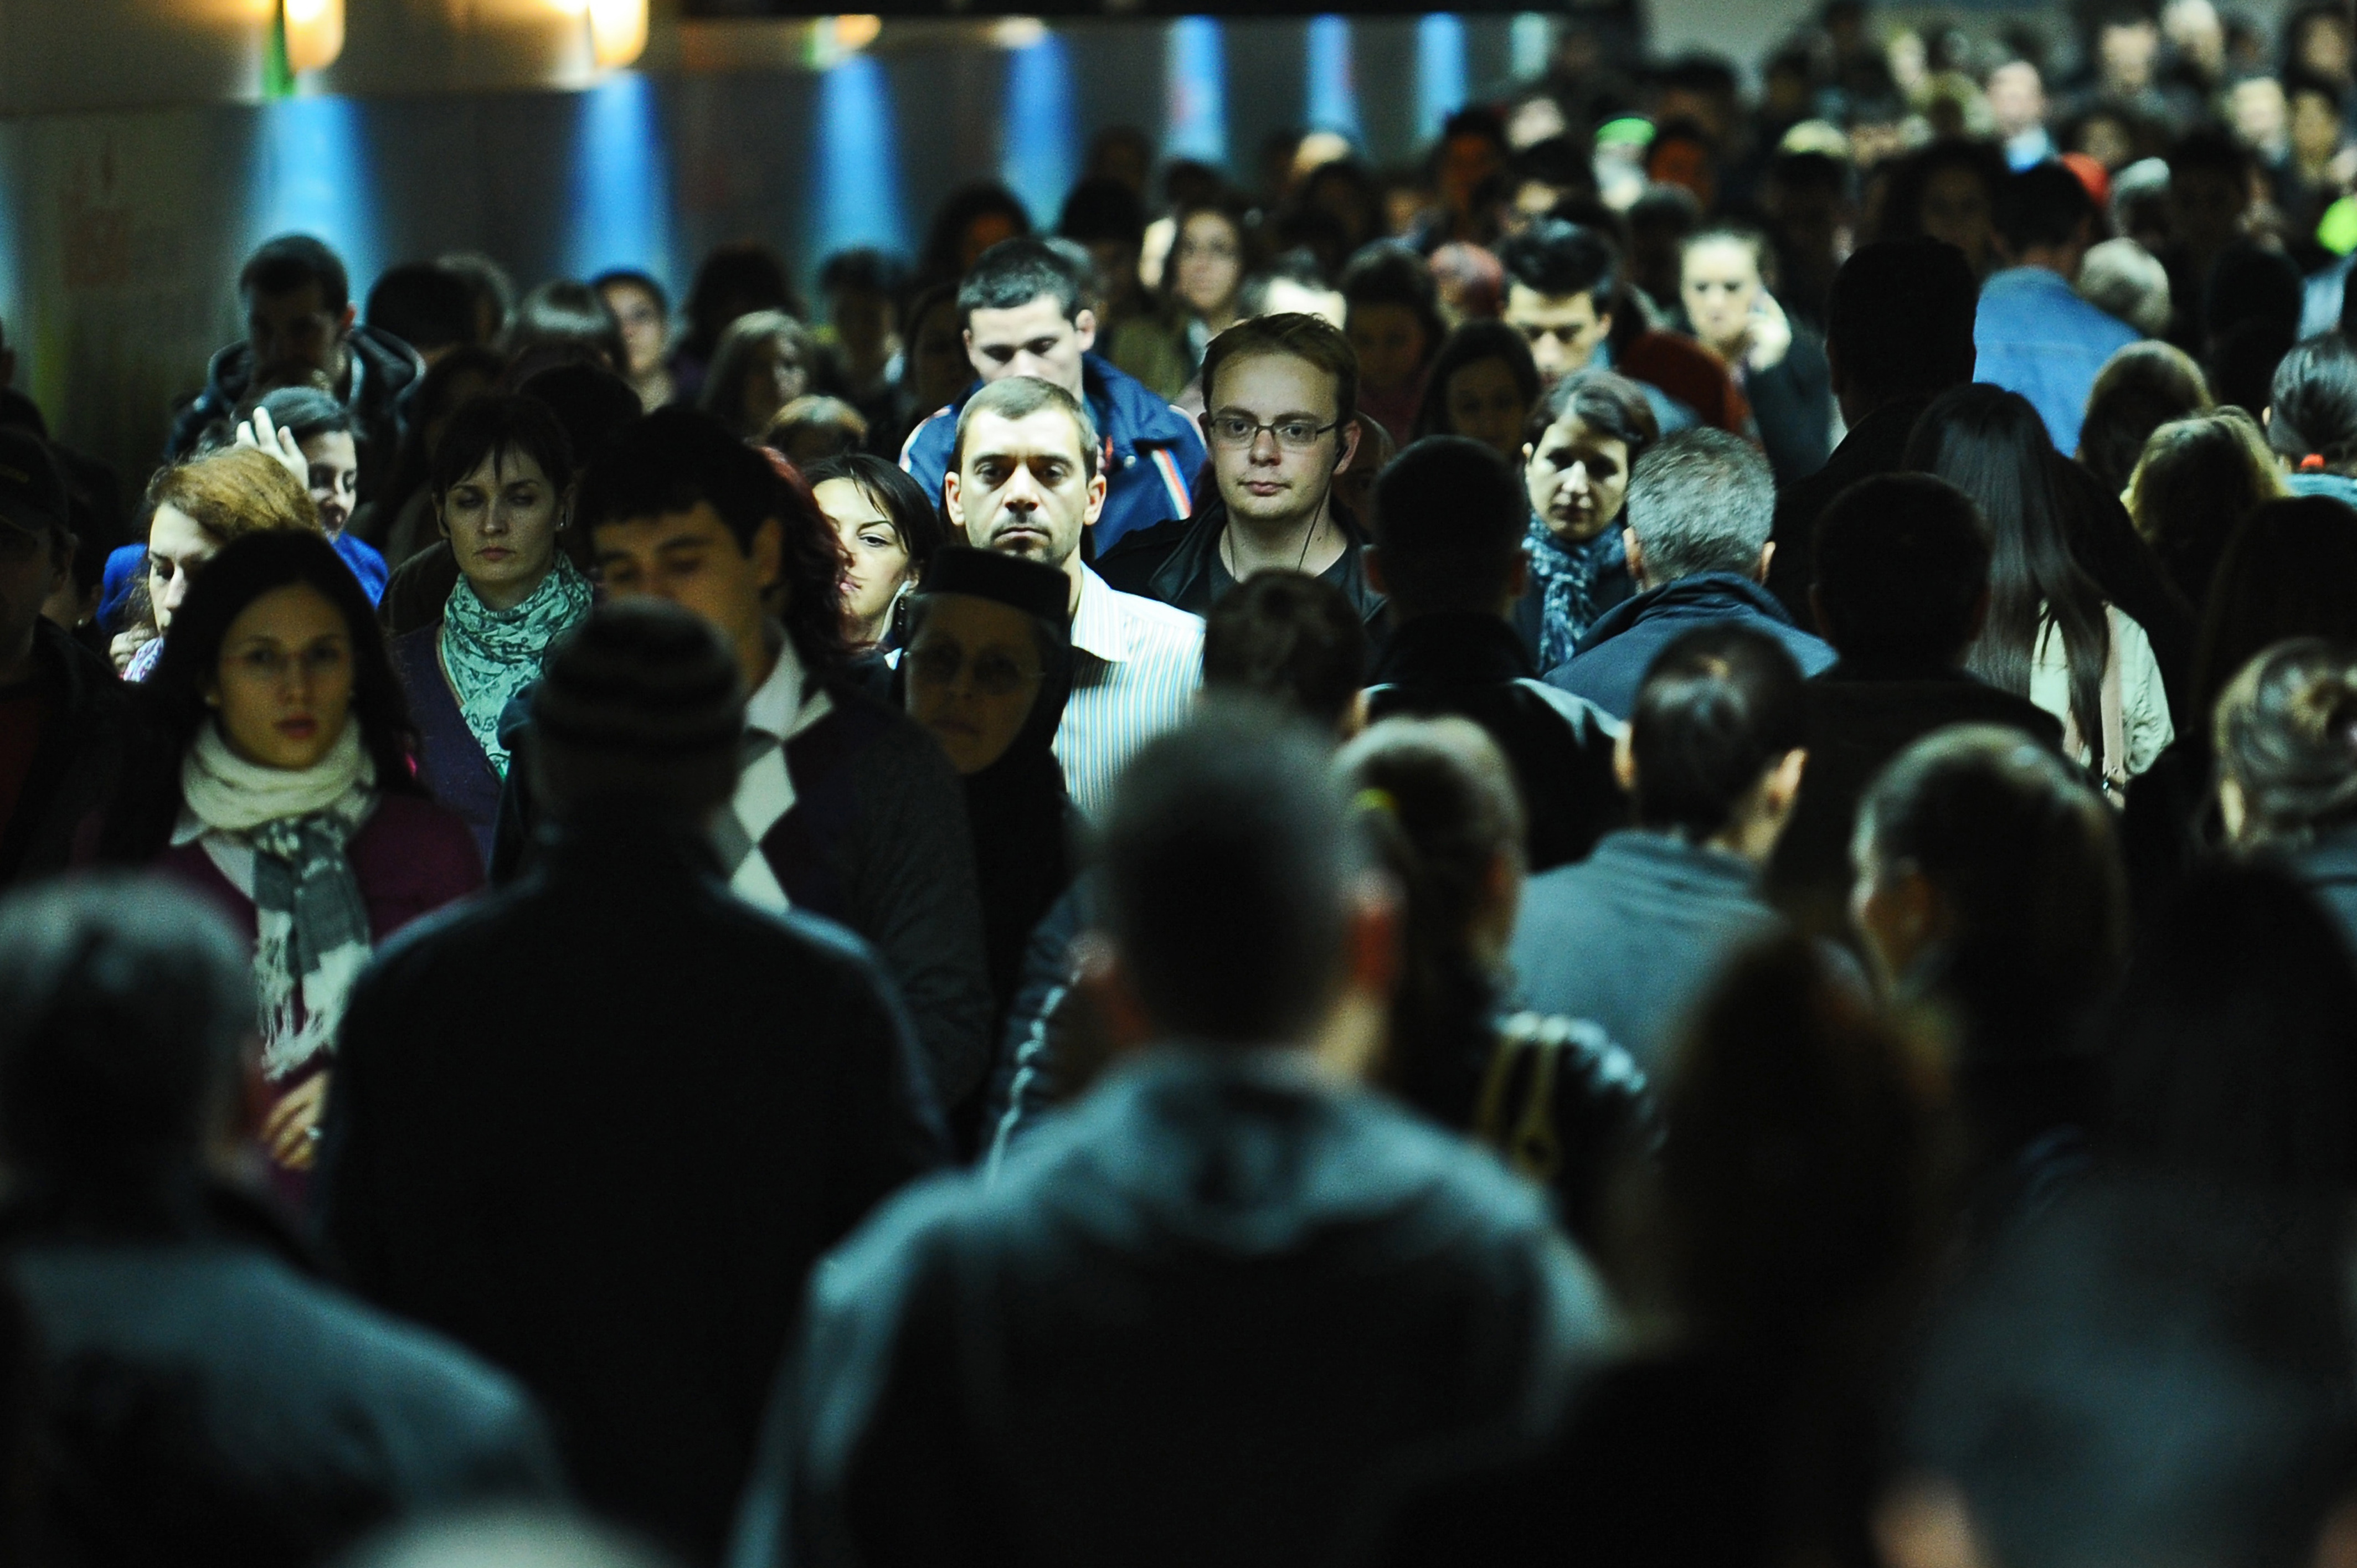 Greva de la METROU. Tribunalul Bucureşti, aşteptat să se pronunţe asupra legalităţii grevei pe termen nedeterminat